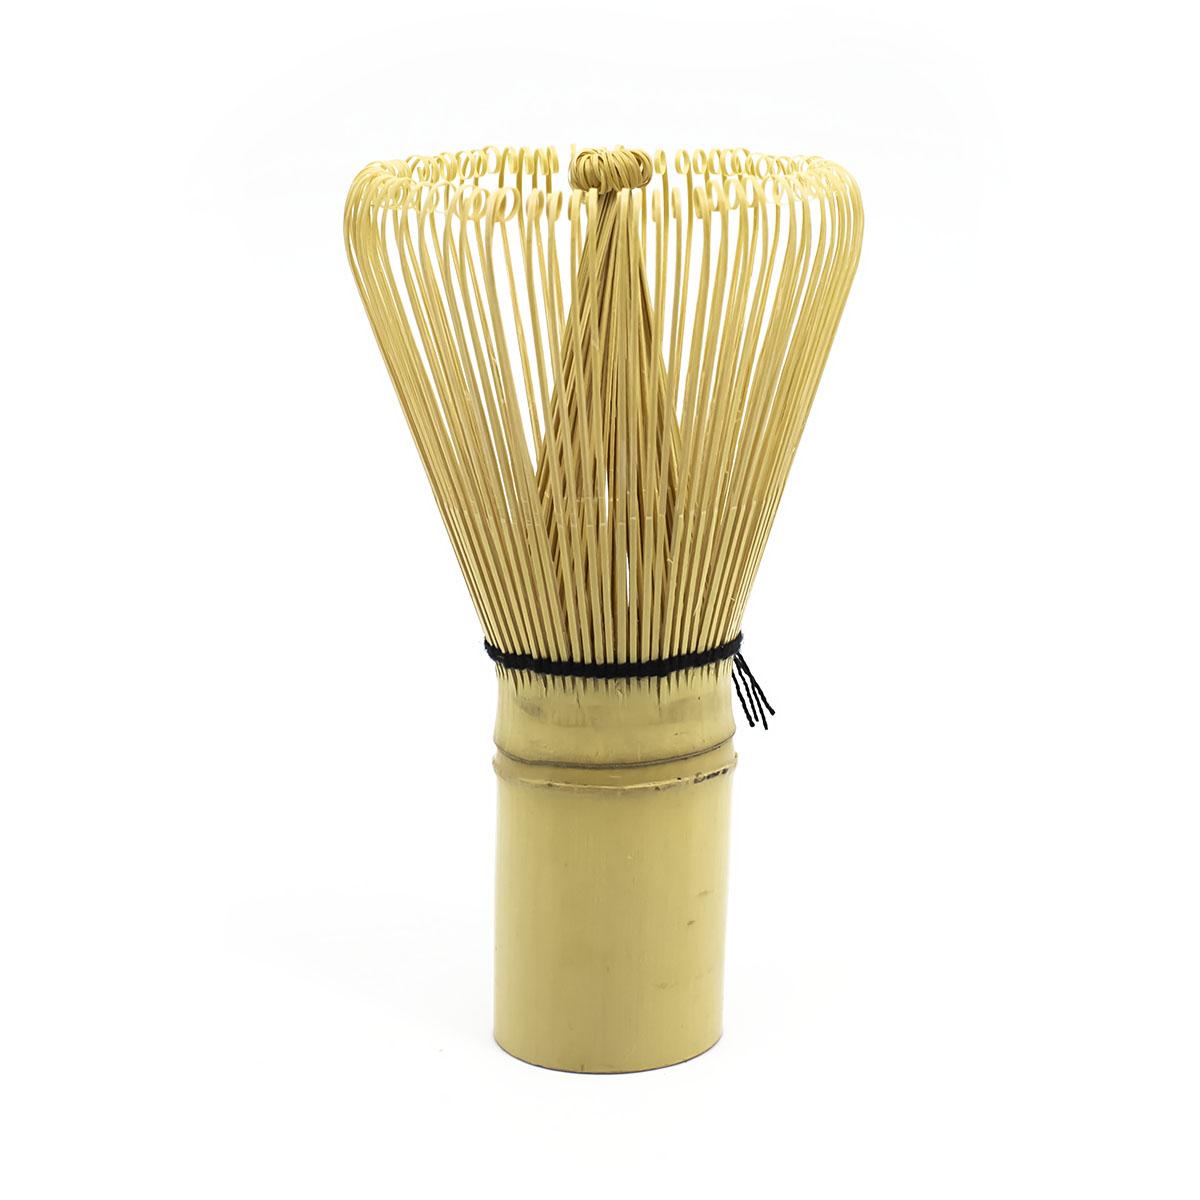 Бамбуковый венчик для матча Часен, 72 ворсинки чоп raho белый бамбук часенов матча венчиком